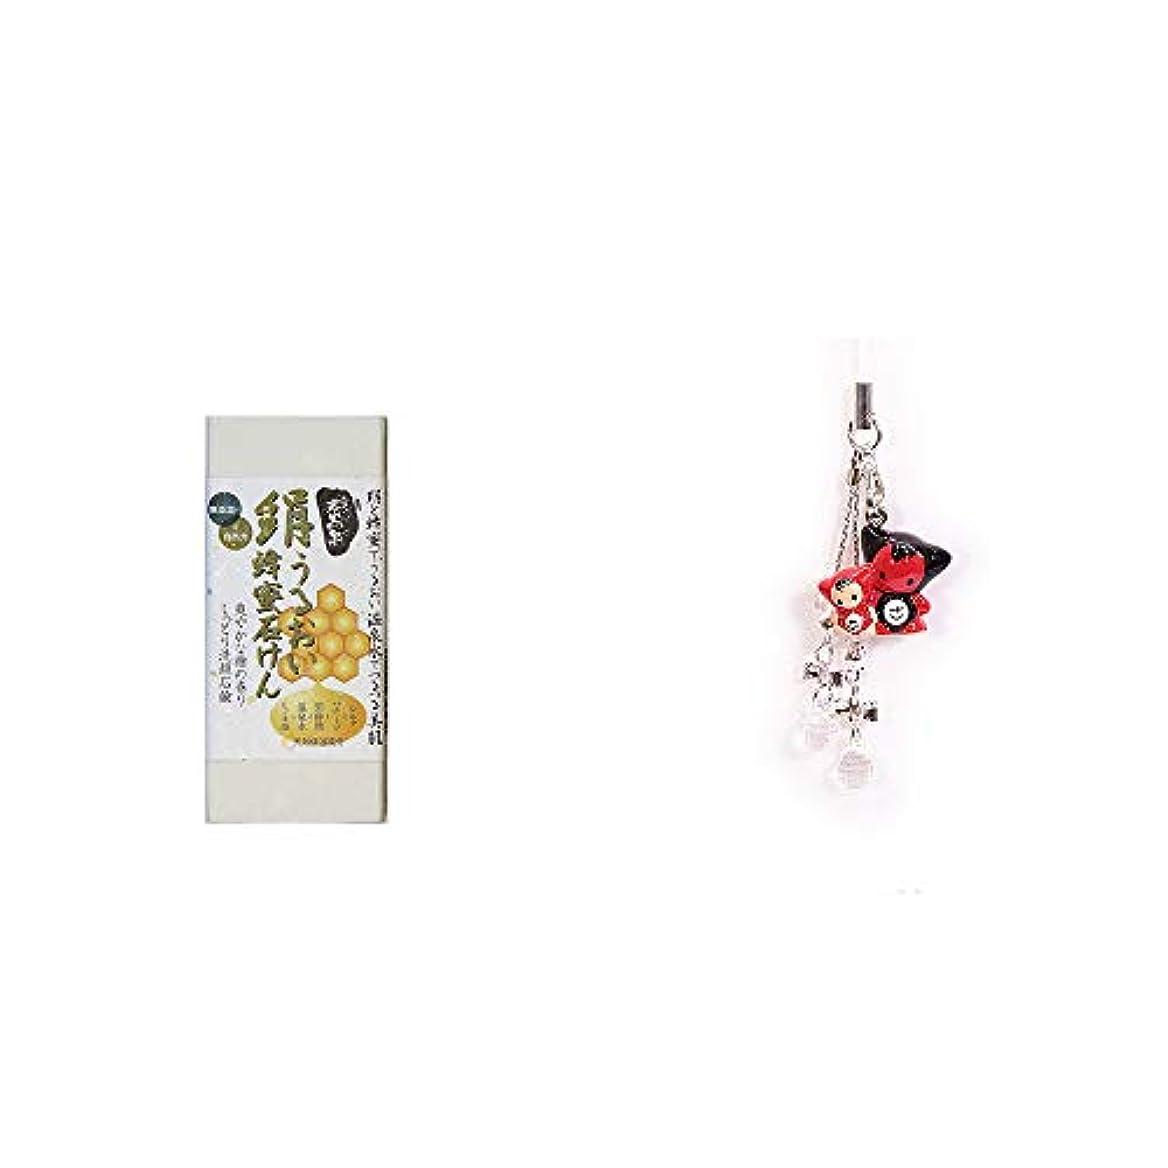 元に戻す荒廃する発見[2点セット] ひのき炭黒泉 絹うるおい蜂蜜石けん(75g×2)?さるぼぼペアビーズストラップ 【クリア】/縁結び?魔除け//